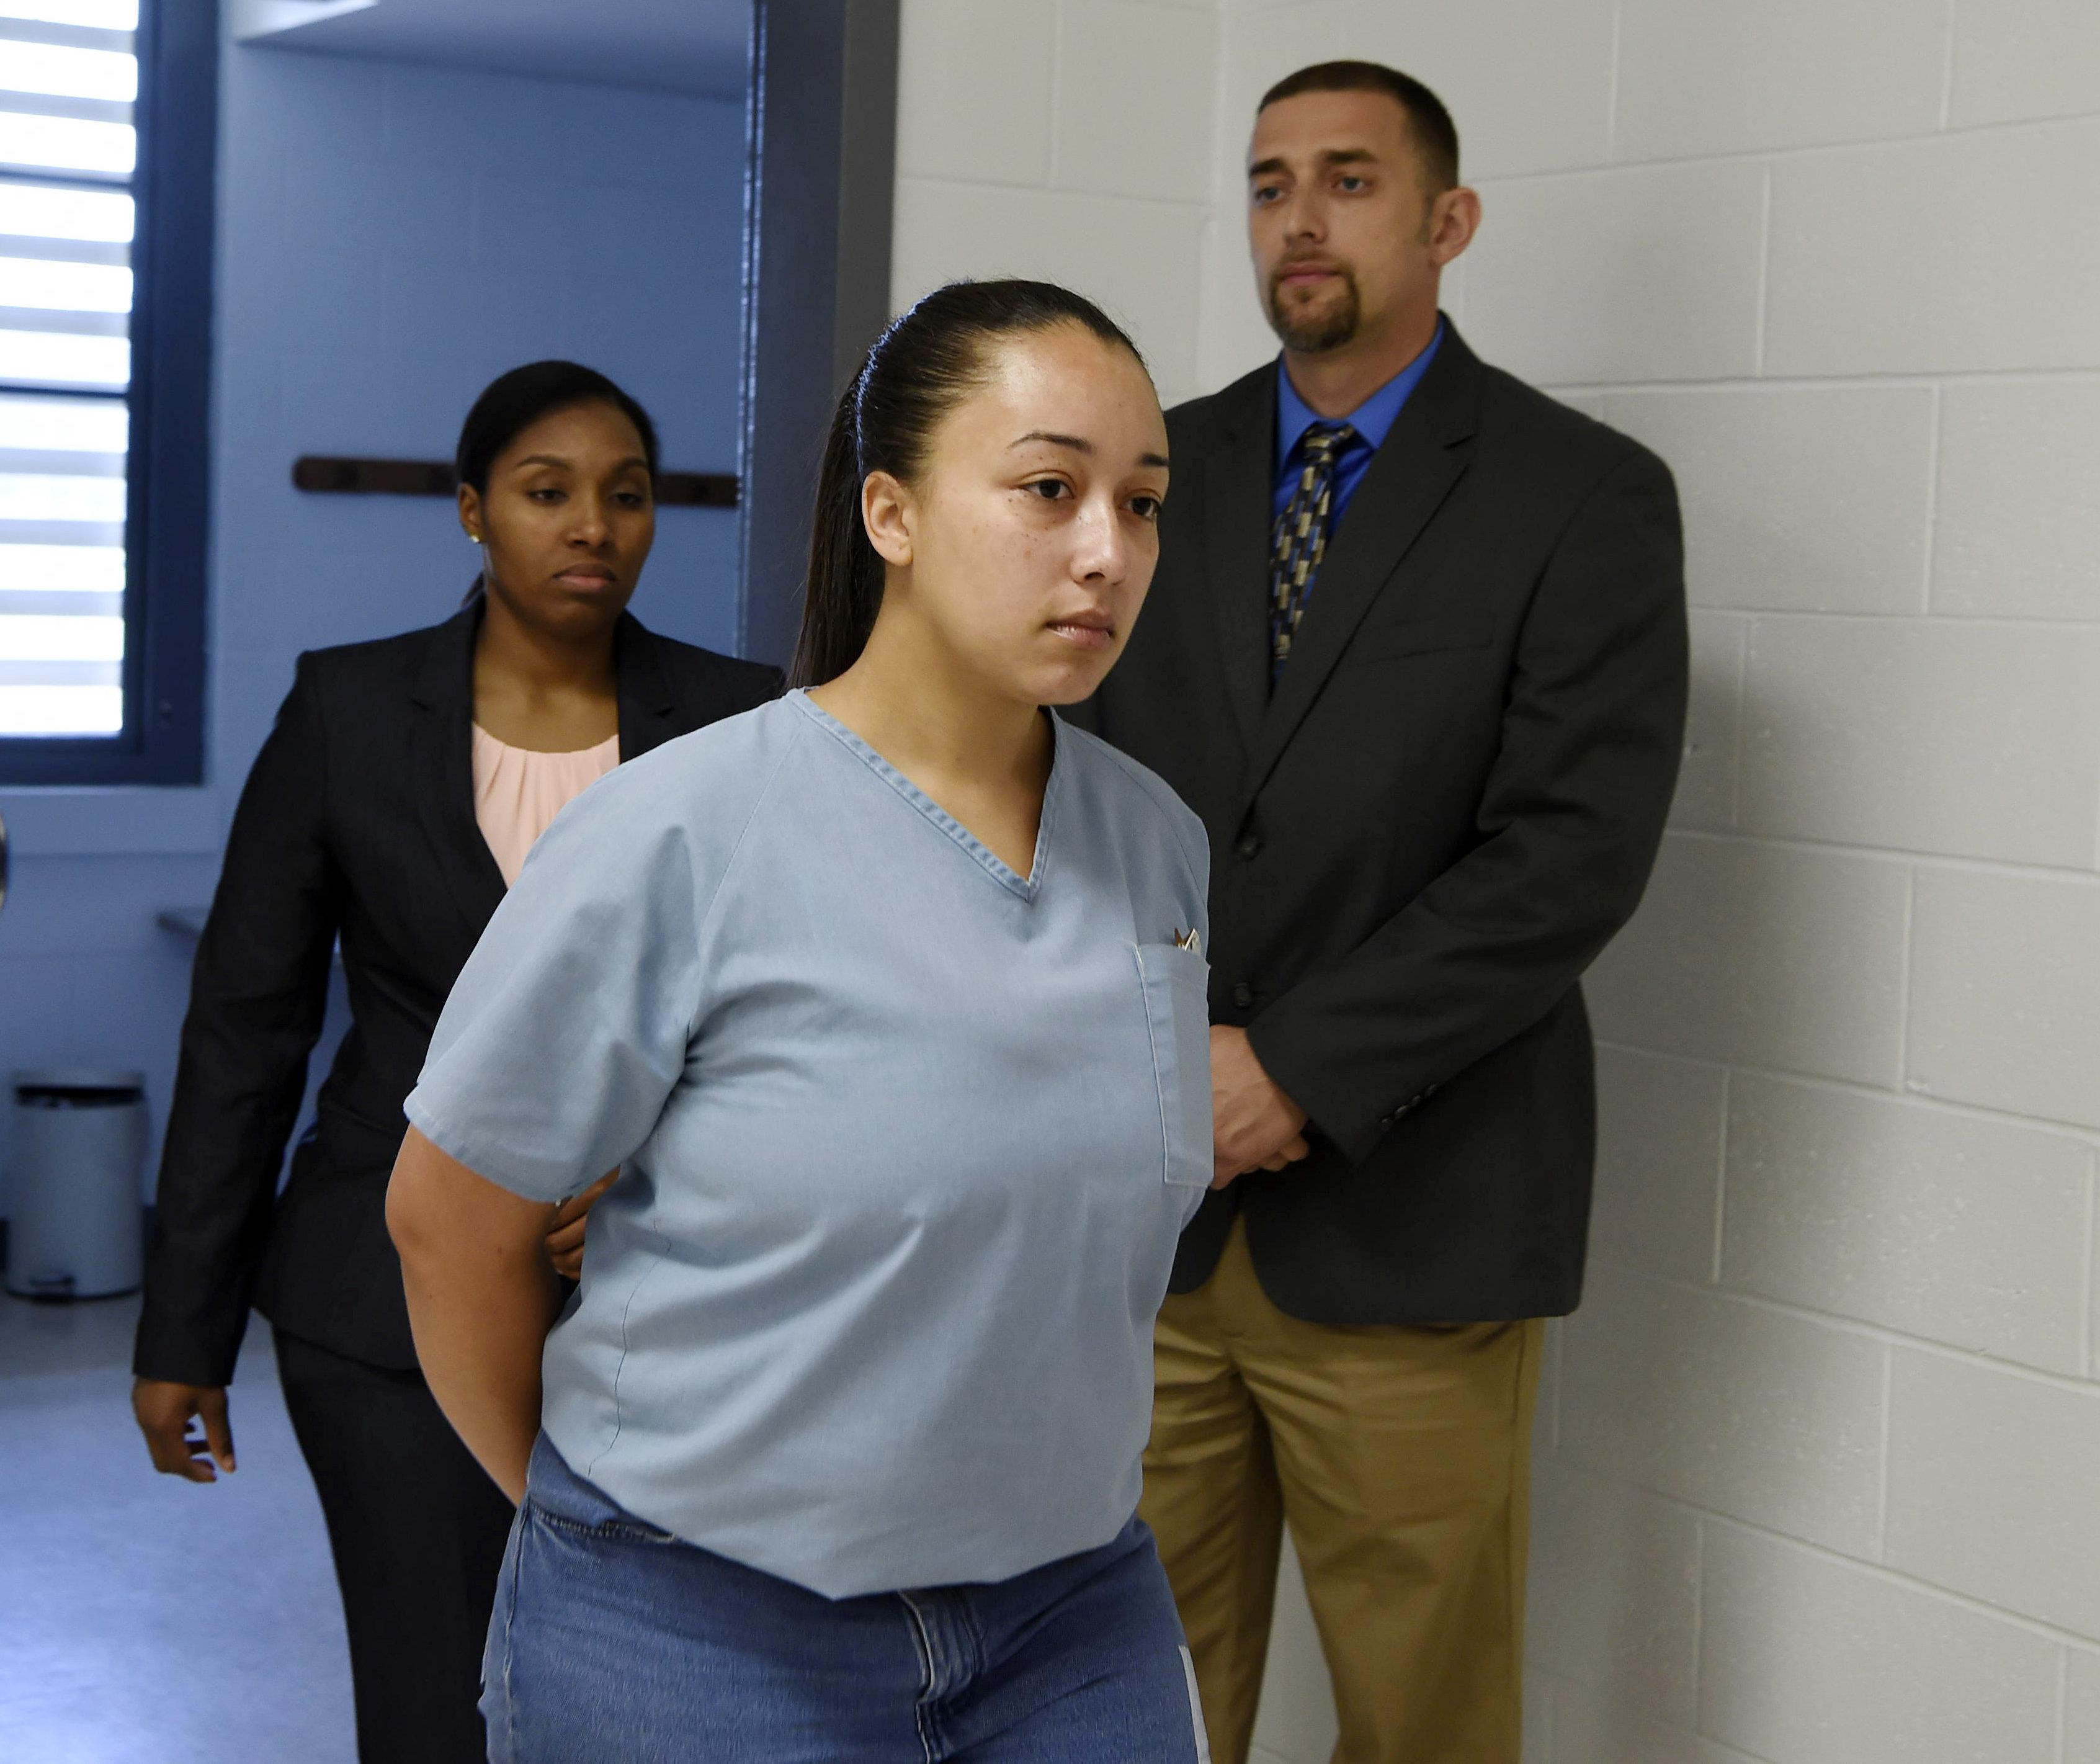 십대 성매매 피해자는 14년간 감옥에서 살았고, 앞으로도 37년을 더 복역해야